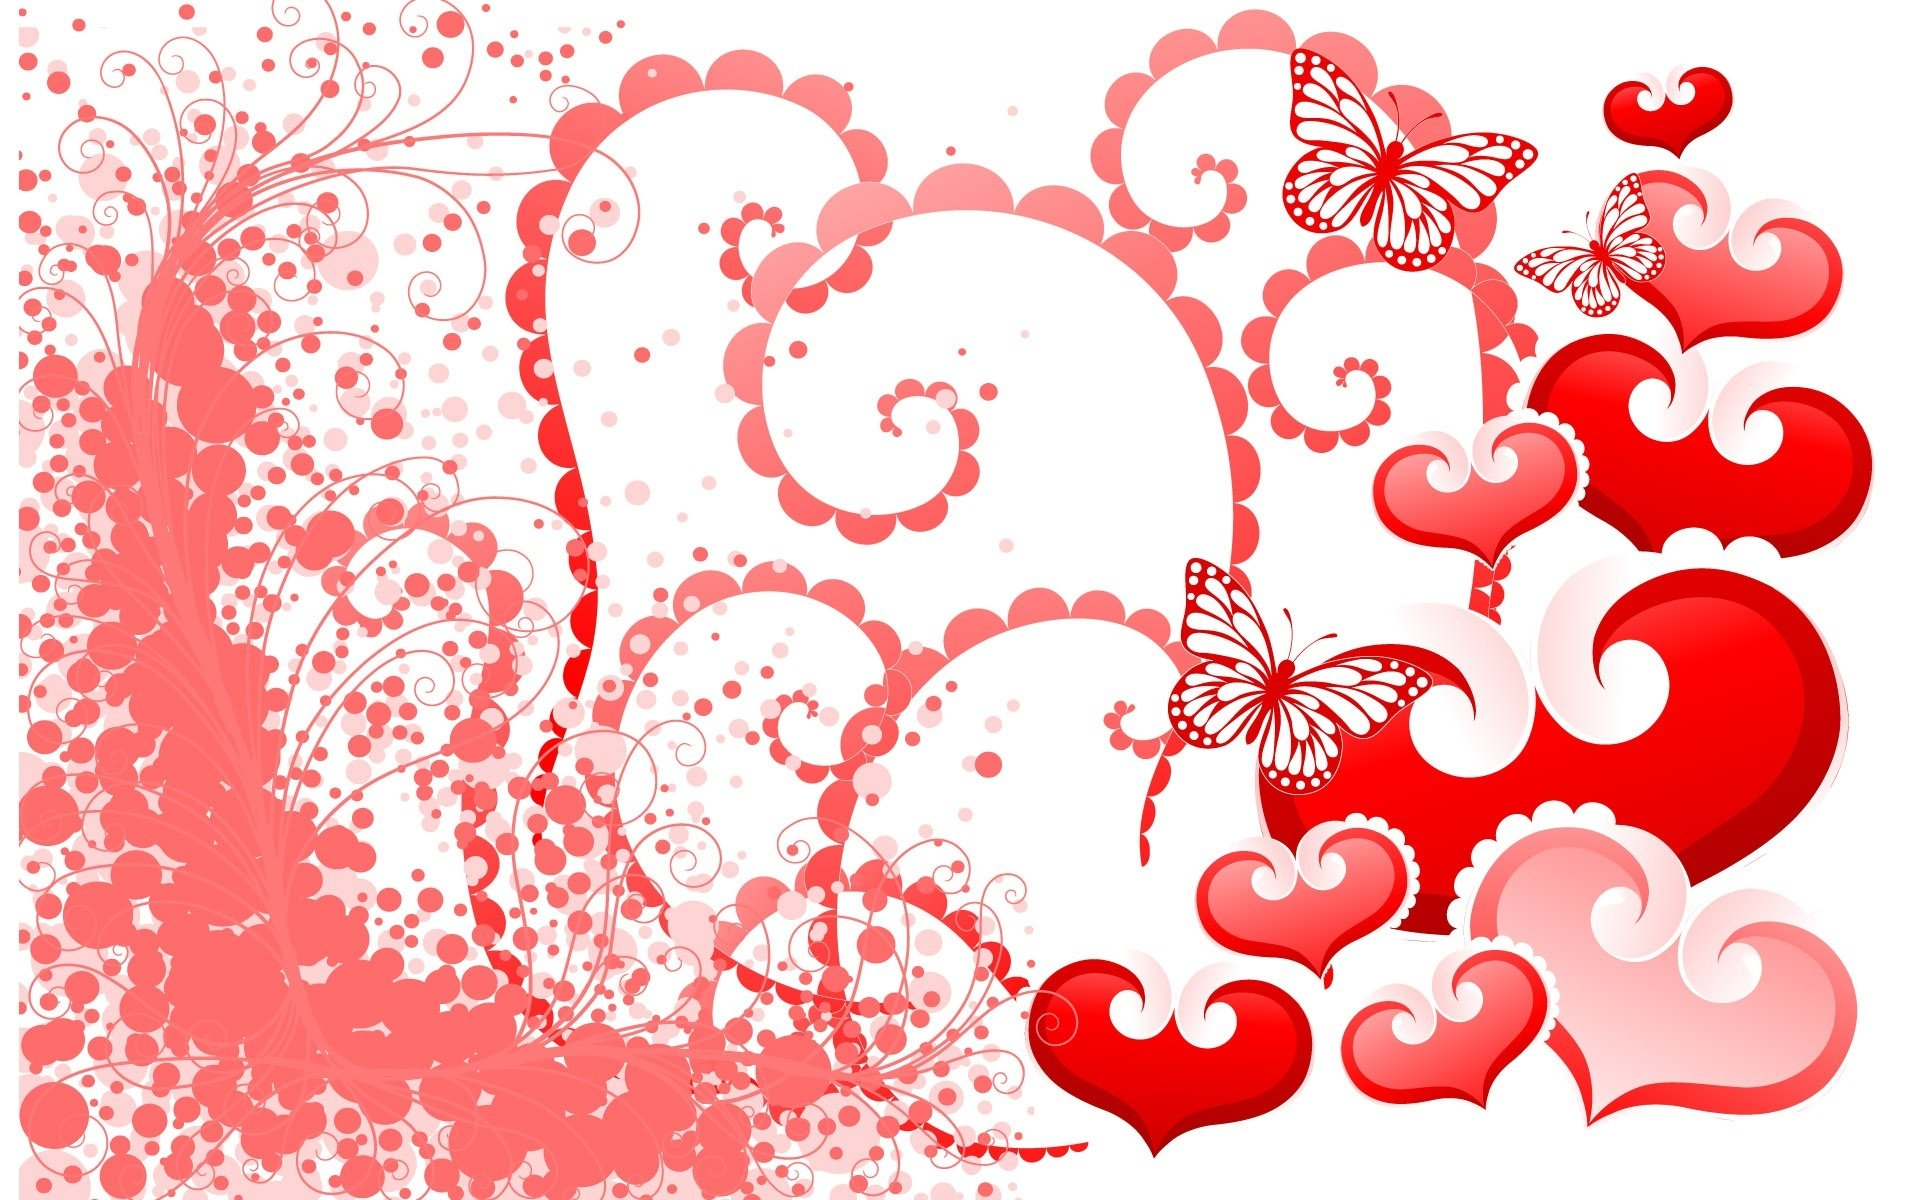 Сердце рисунок валентинов день скачать